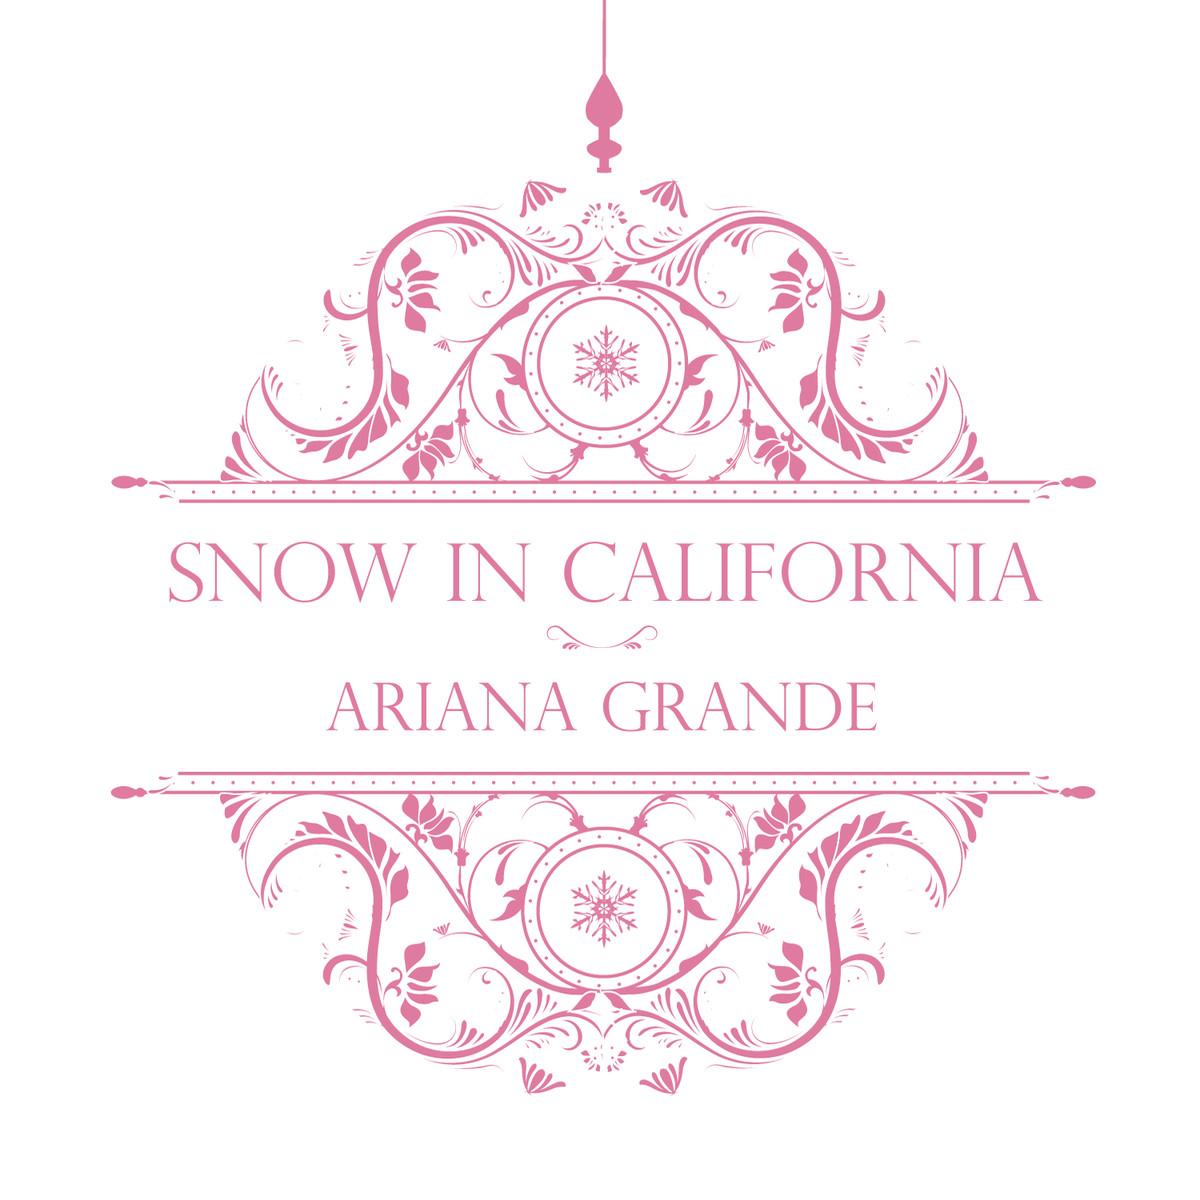 Snow In California | Ariana Grande Wiki | FANDOM powered by Wikia